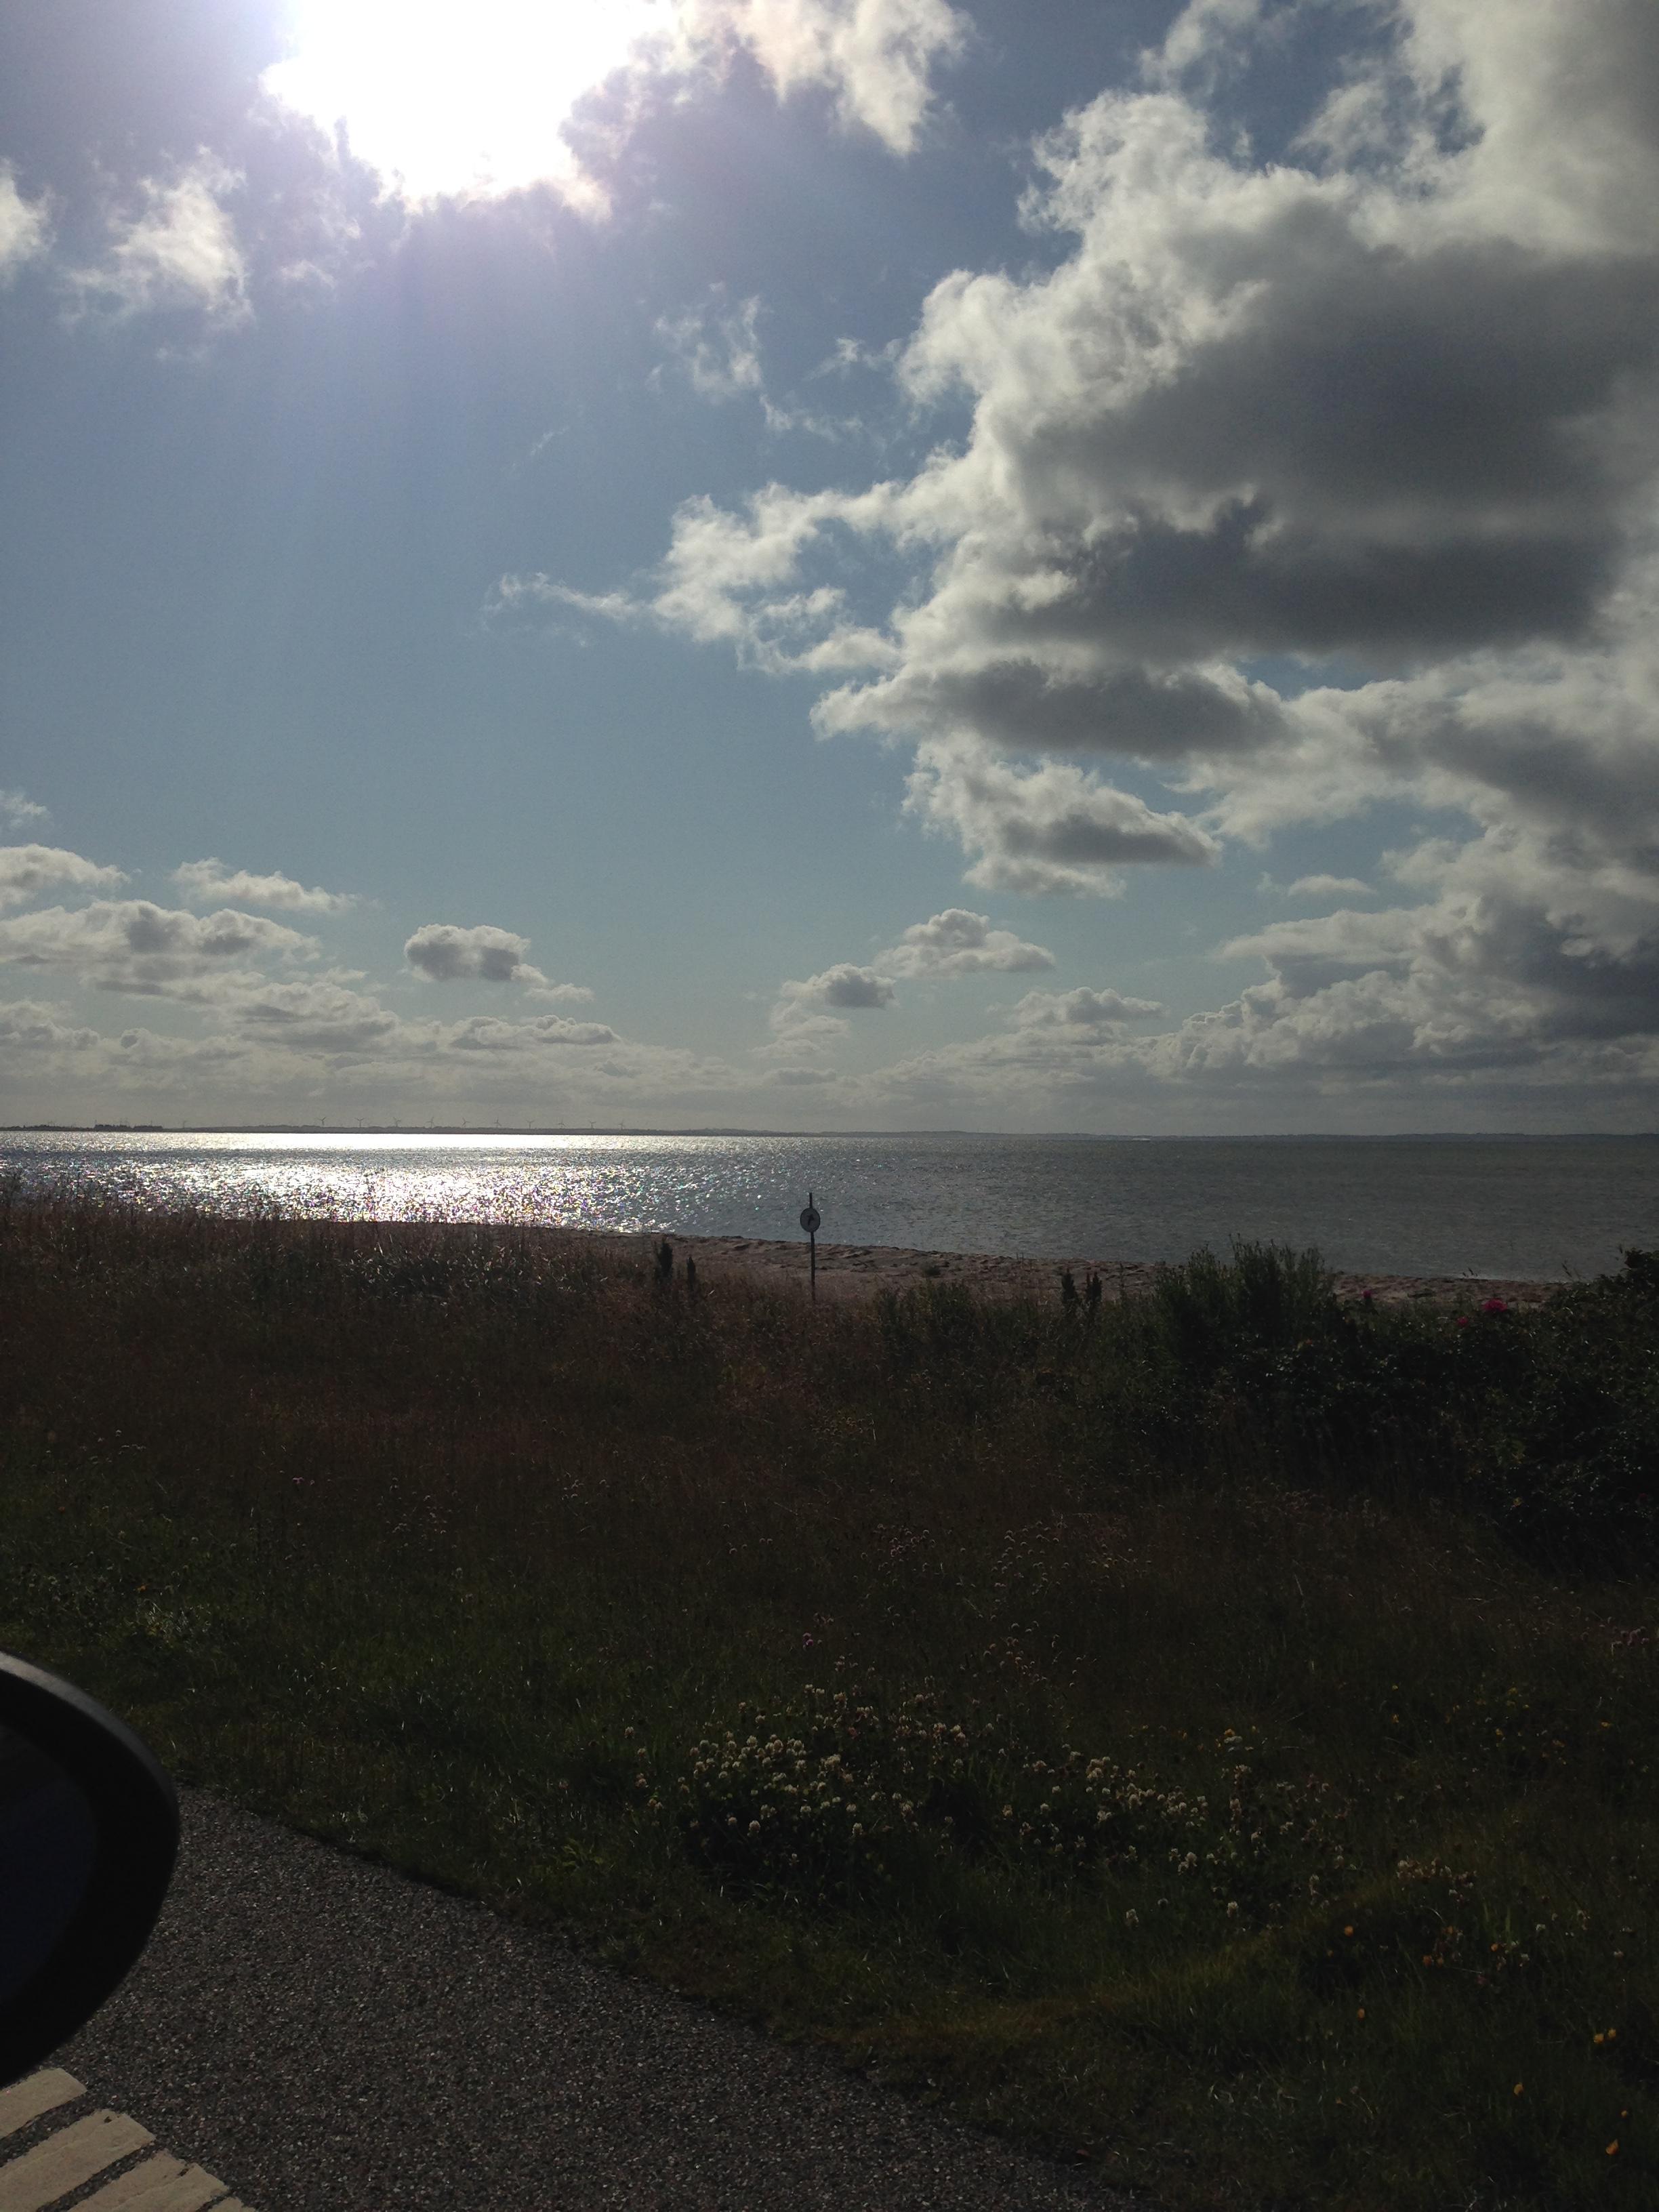 Zwillingsratgeber iphone_mai2016-1153 Dänemark - Tour an der Küste lang